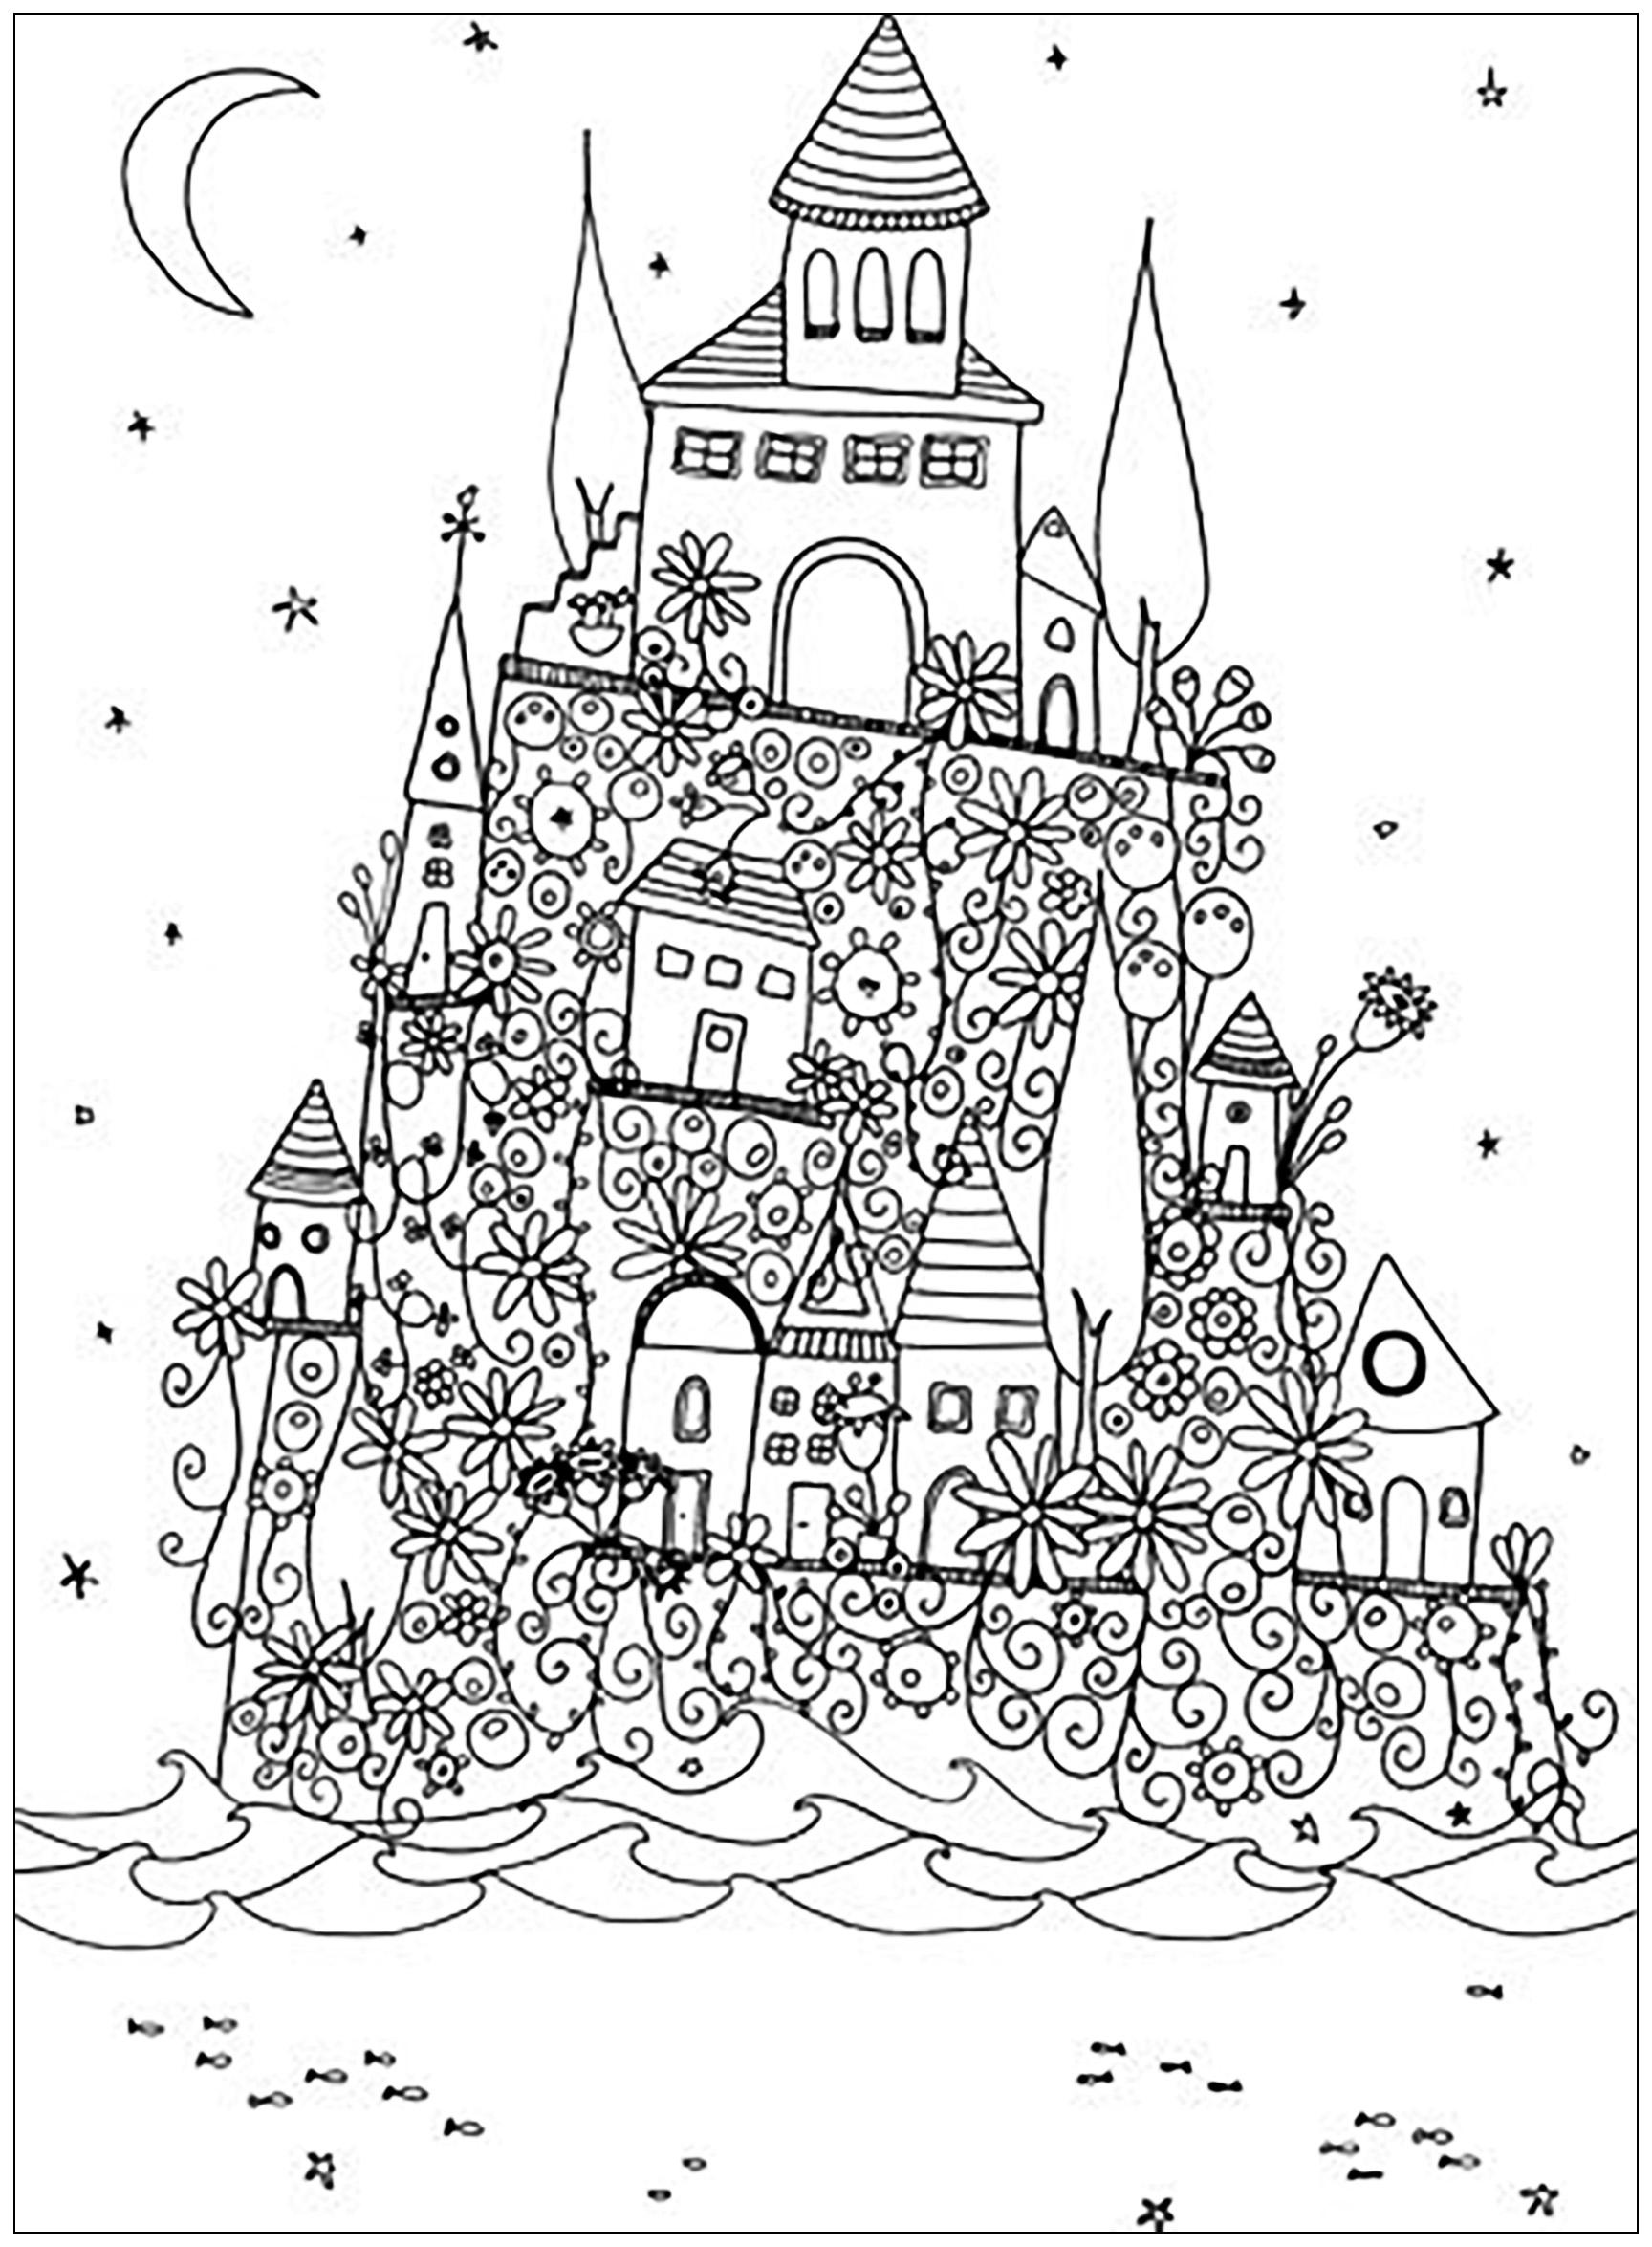 Coloriage Image Chateau.Chateau Imaginaire Architecture Et Habitation Coloriages